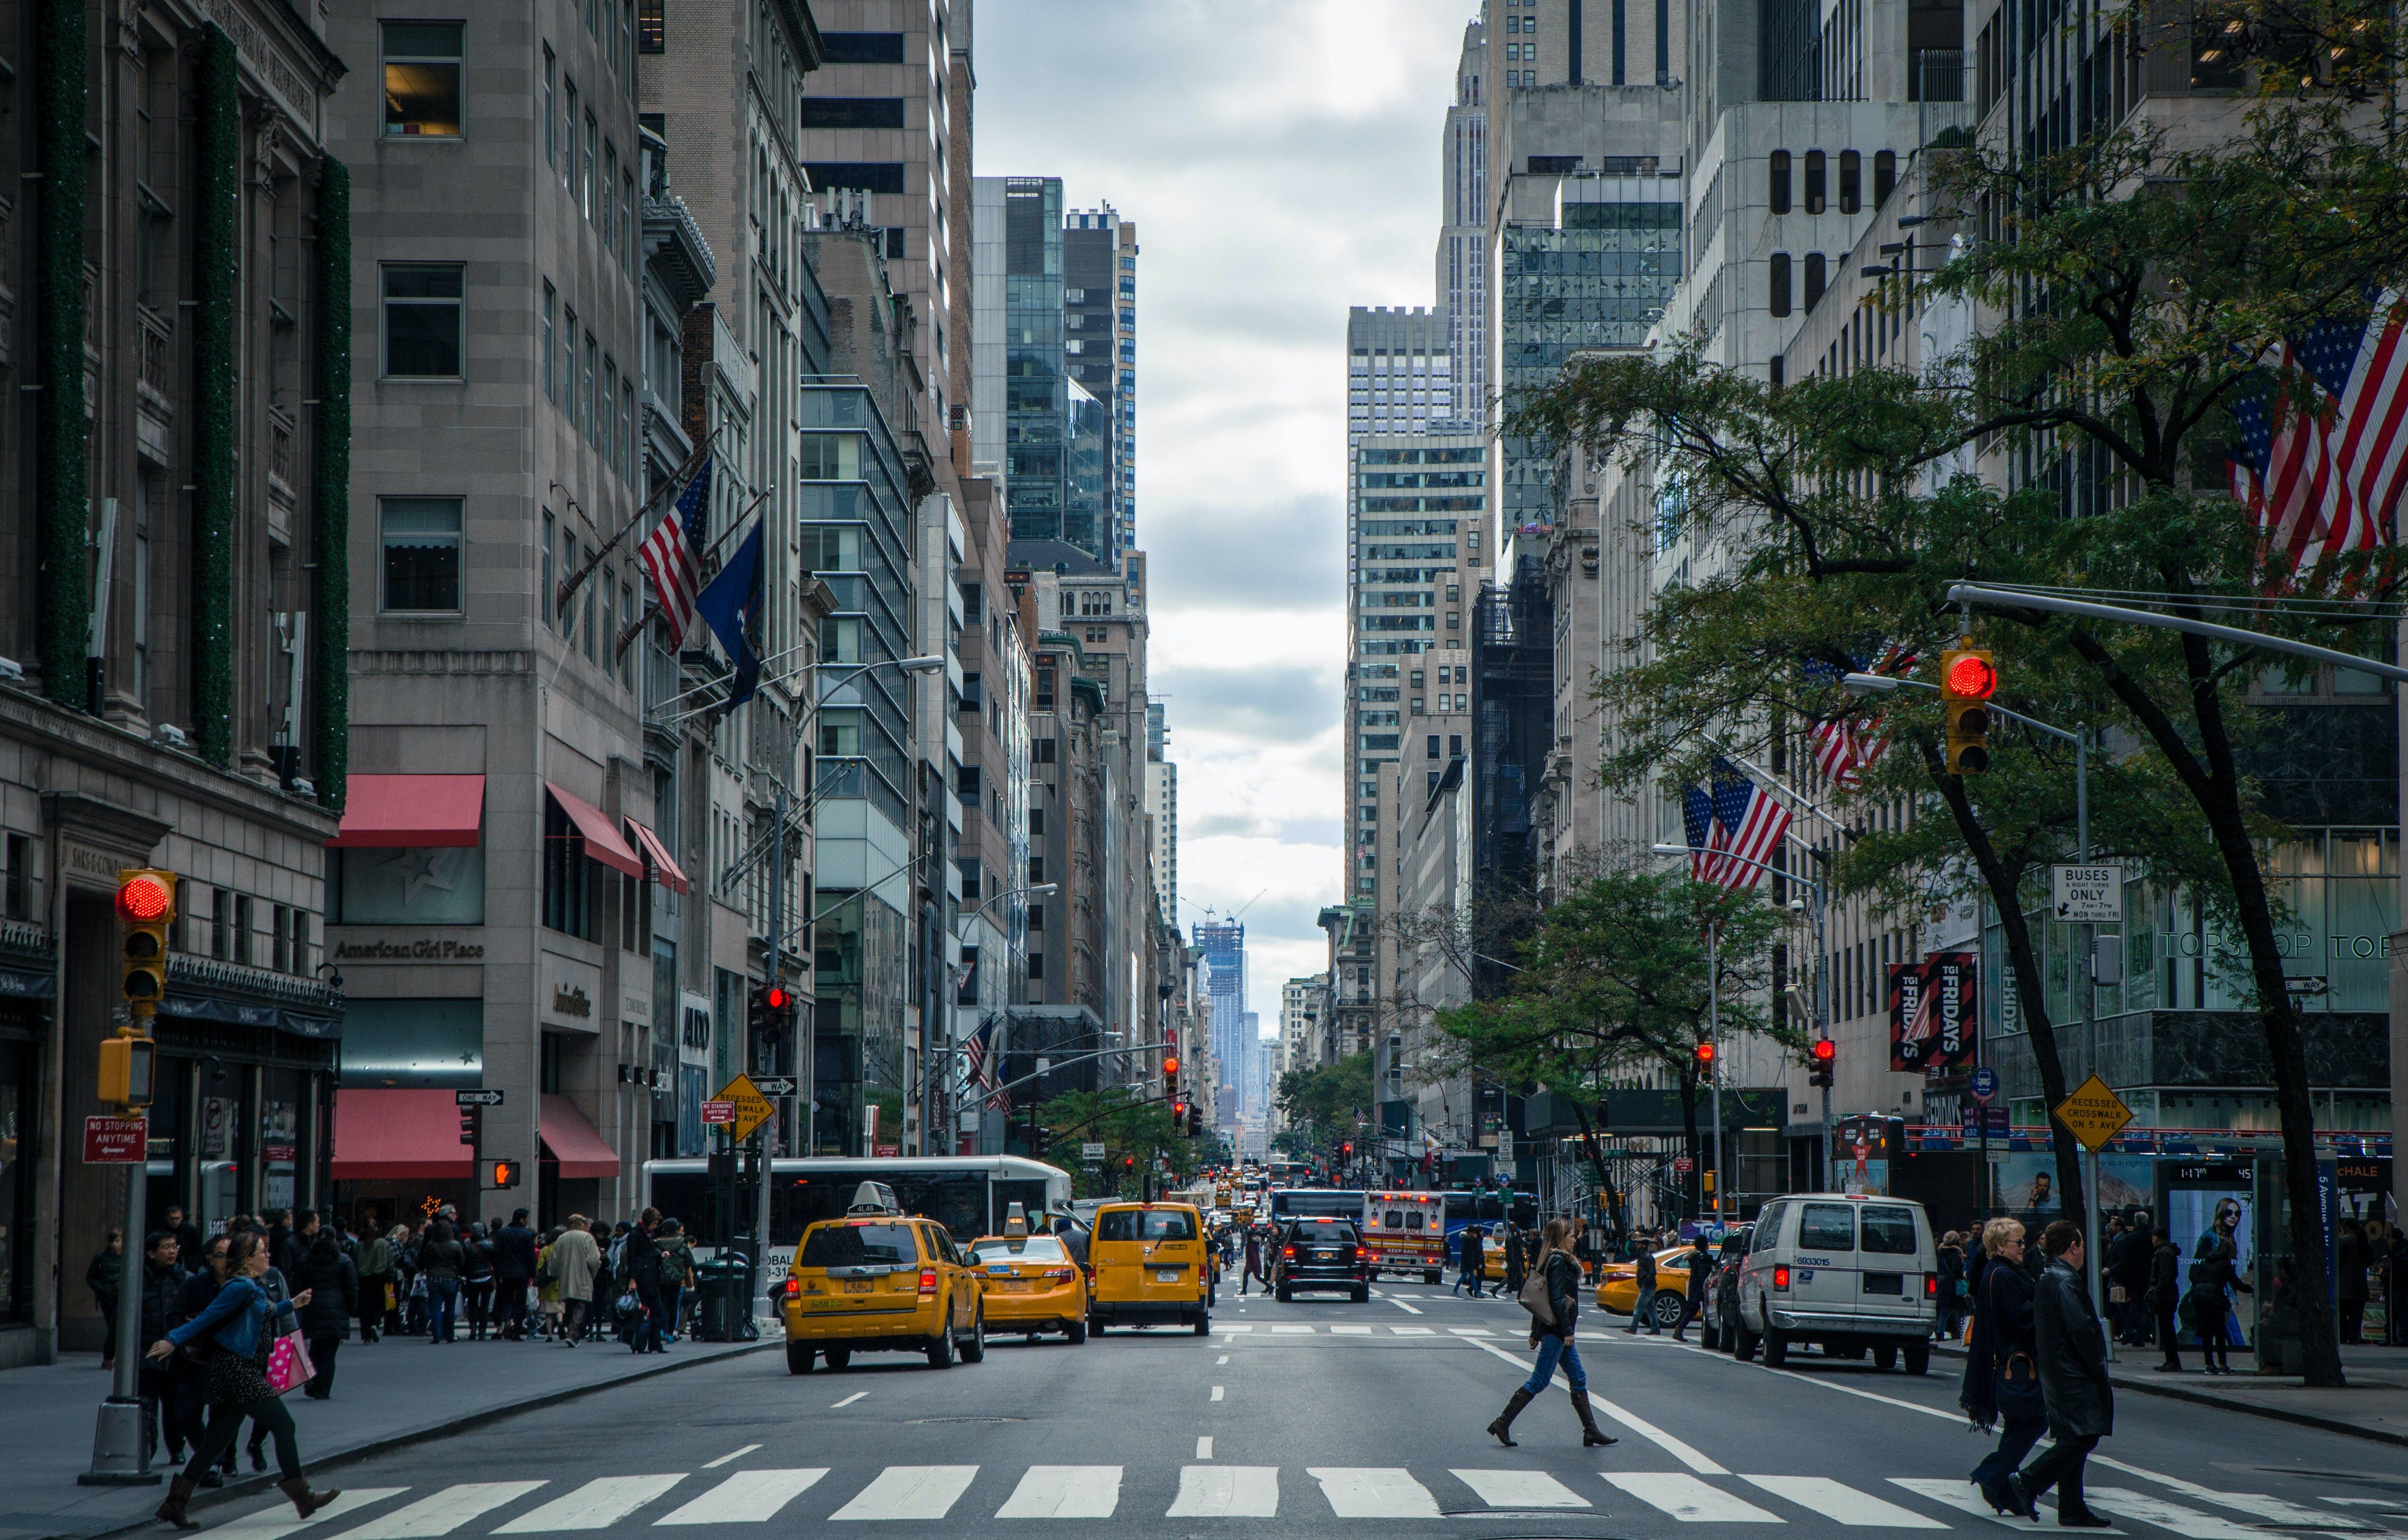 交通, 交通系統, 十字路口, 城市 的 免費圖庫相片